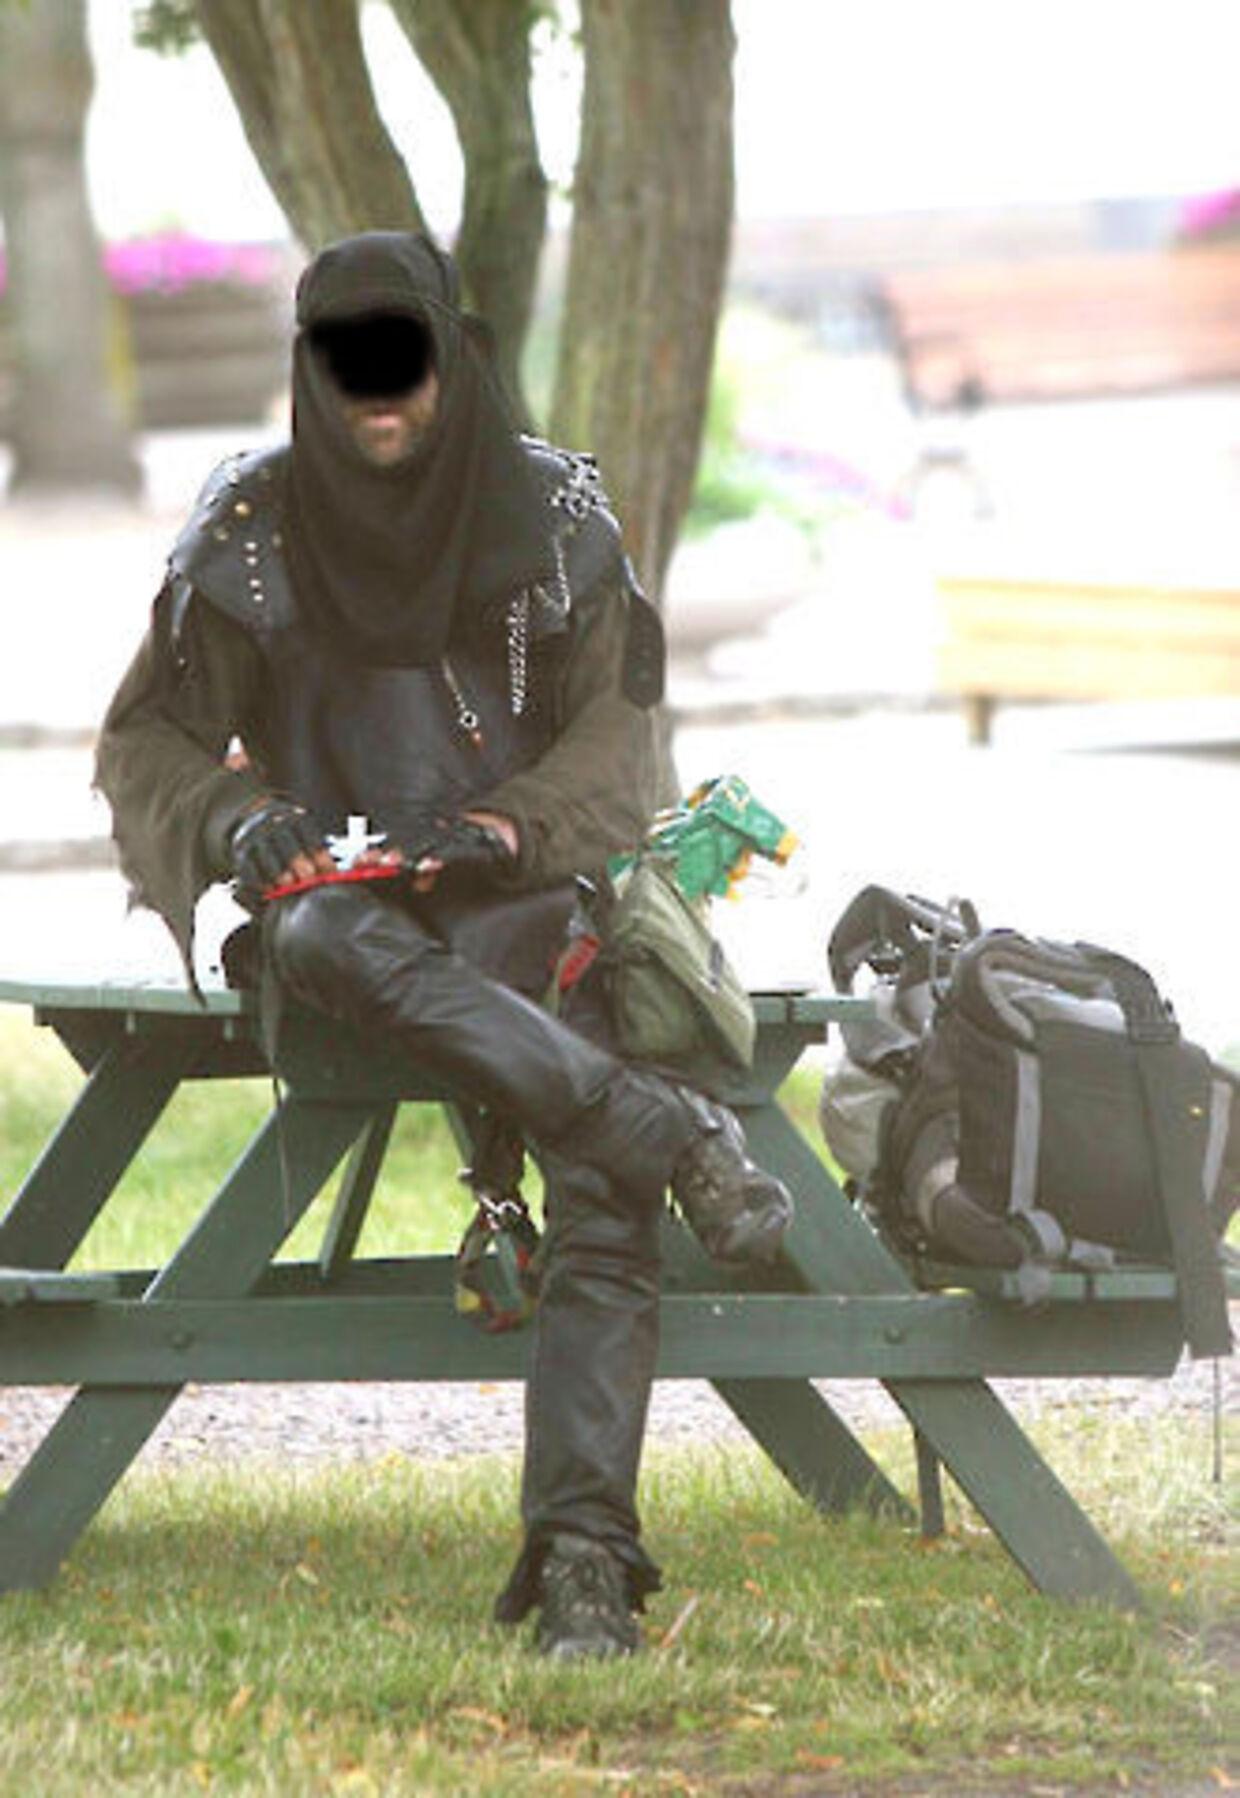 Ninjamanden er frygtet i Vanløse, hvor han bor. Foto: Scanpix.